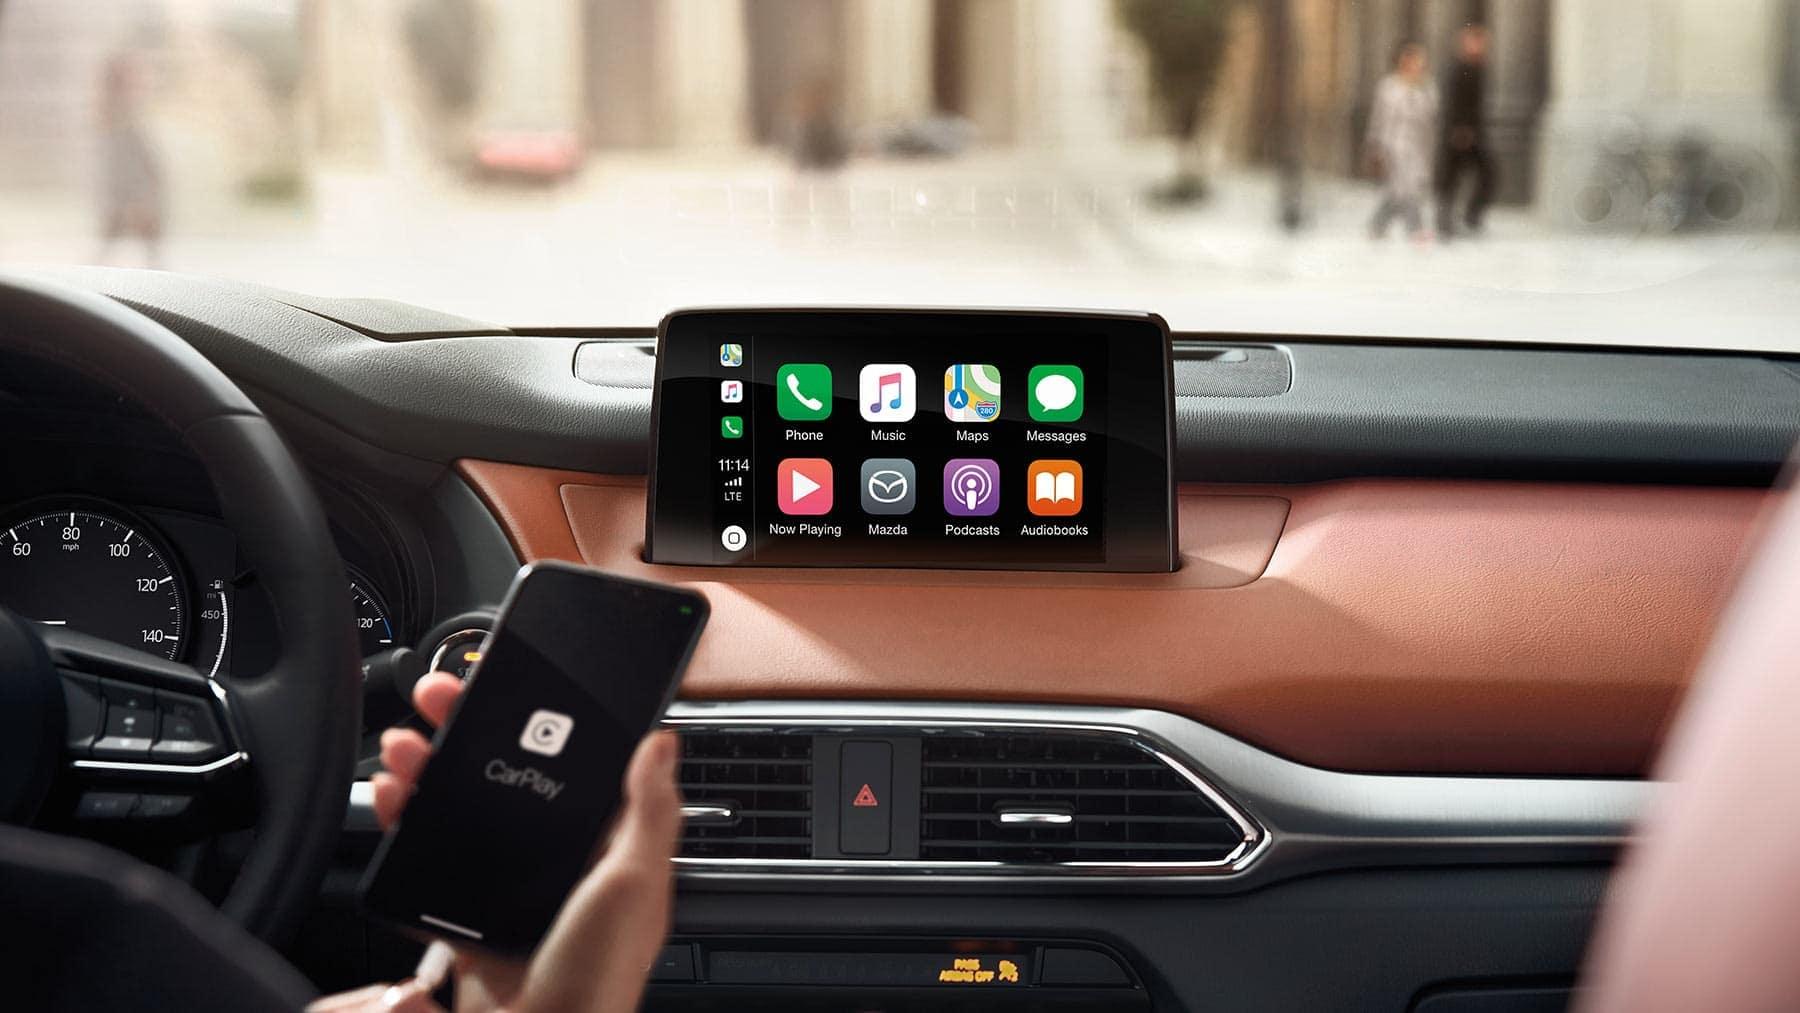 2019 Mazda CX-9 interior dashboard technology